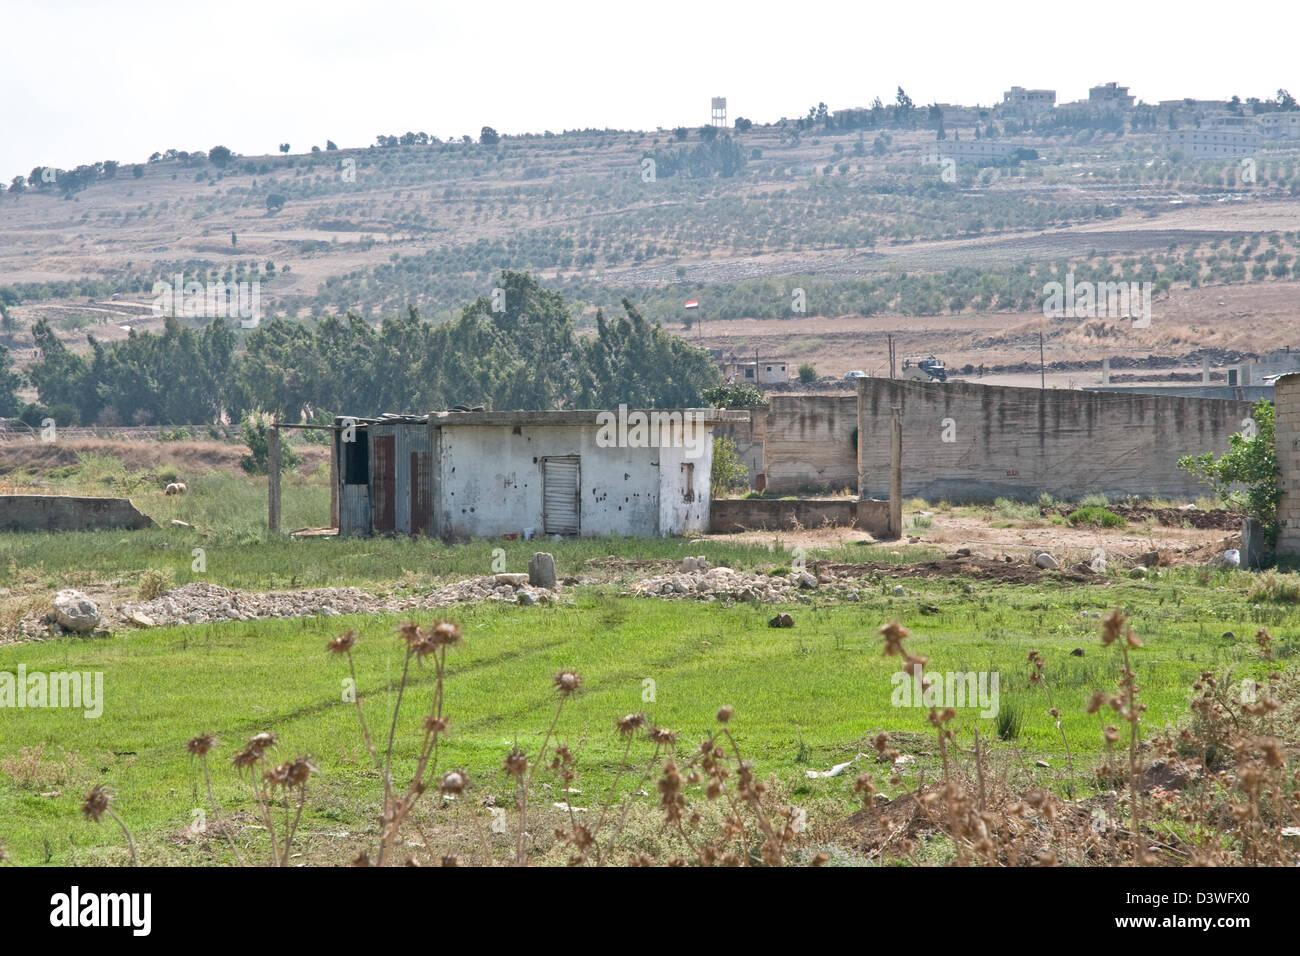 Abris en béton dans le nord de la région de Wadi Khaled libanais, situé à quelques mètres Photo Stock